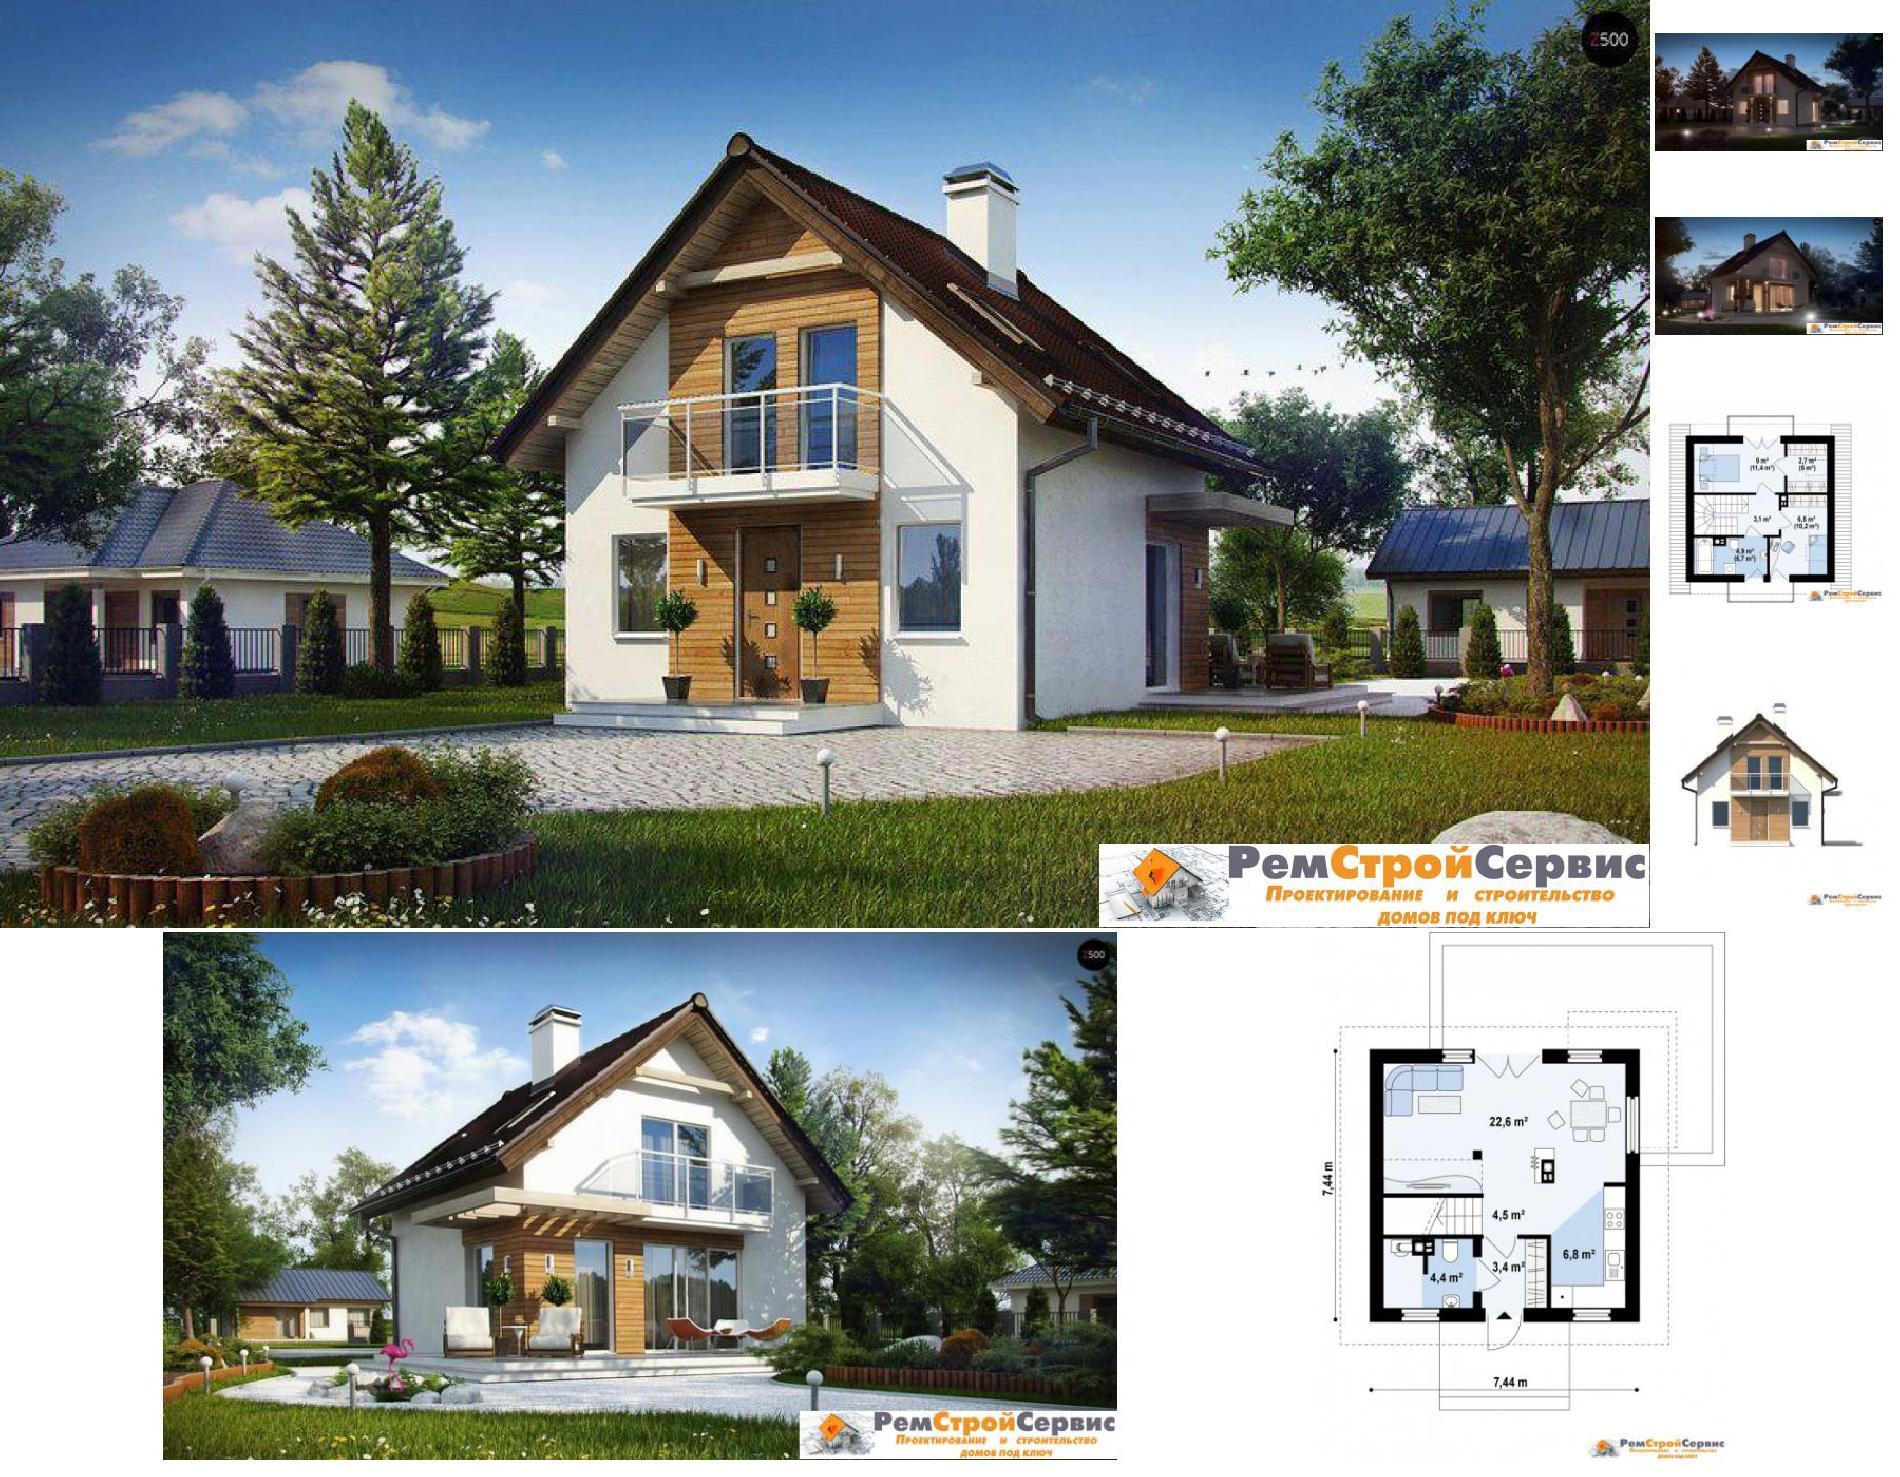 Проект дома 7 на 7 двухэтажный